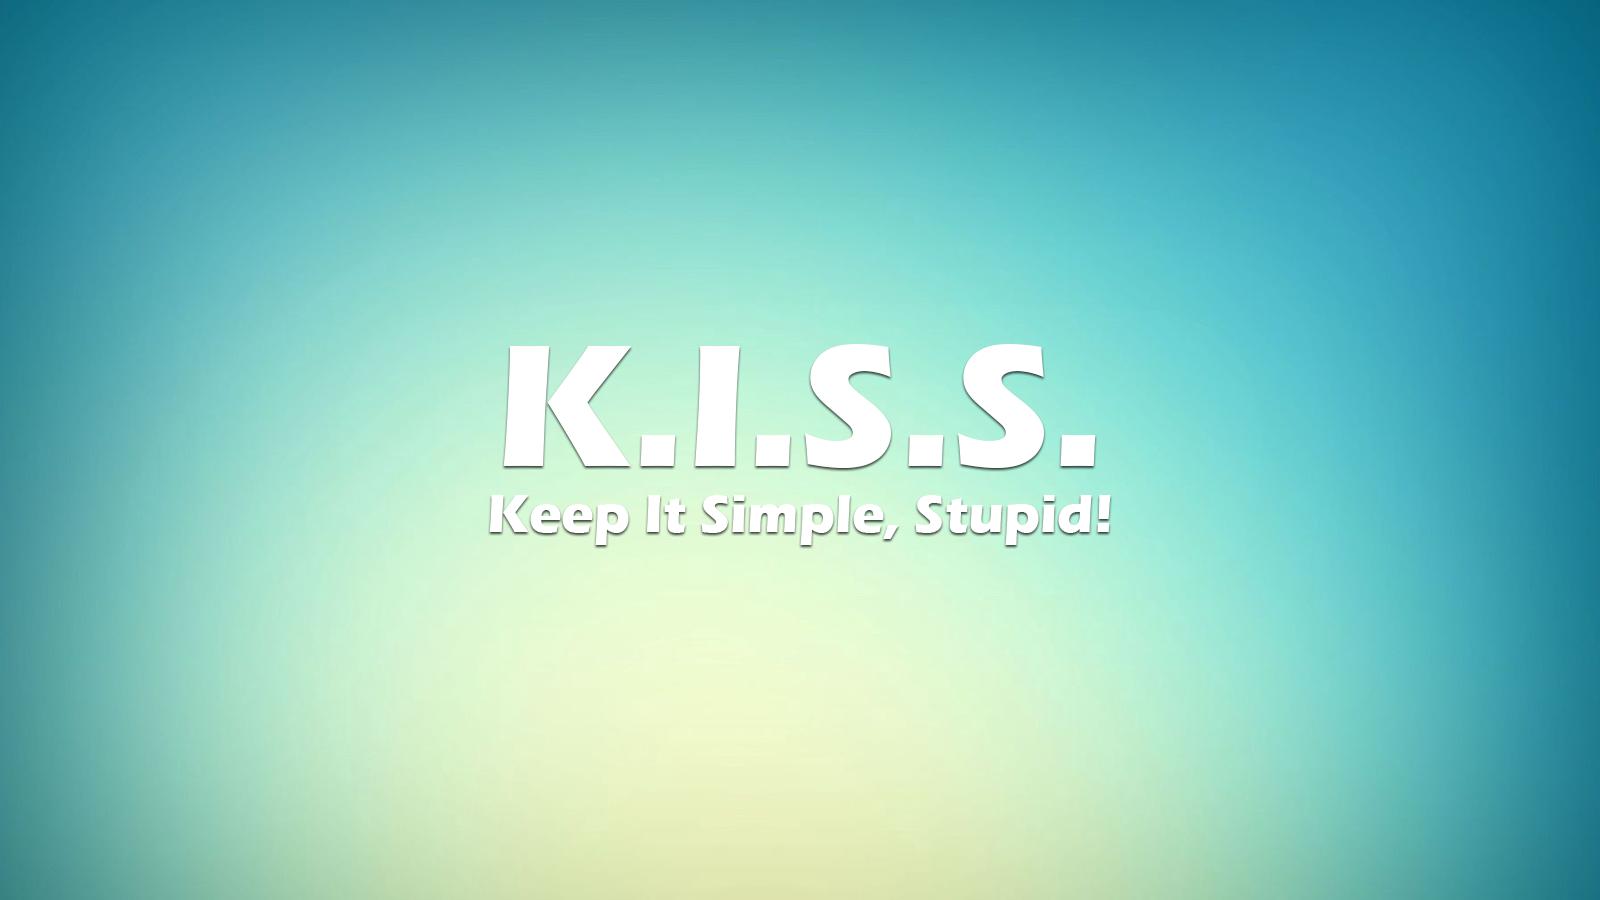 KISS (Keep it Simple Stupid!)